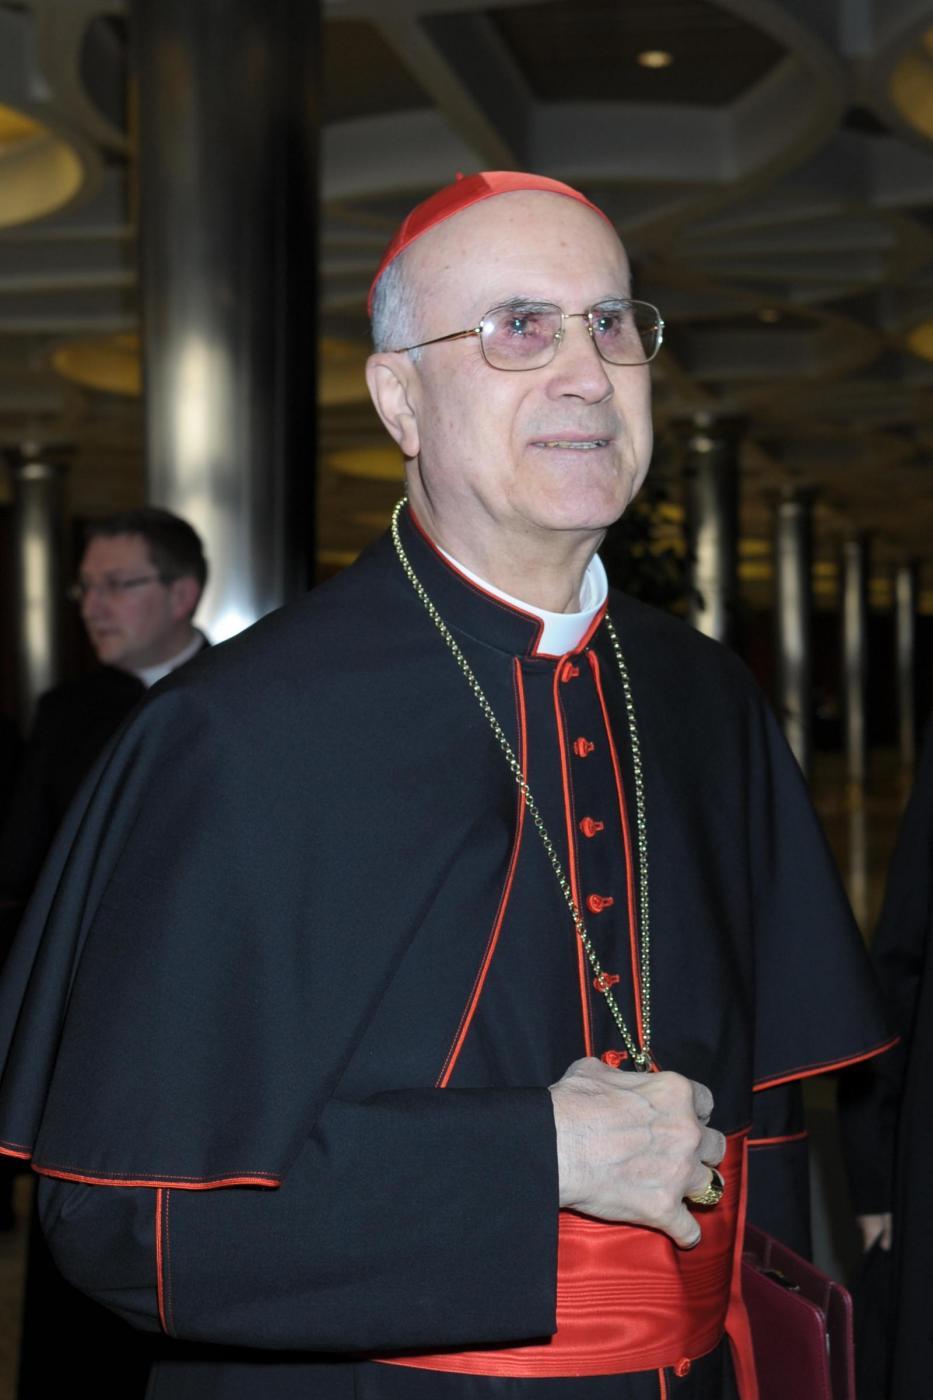 Il cardinale italiano Tarcisio Bertone